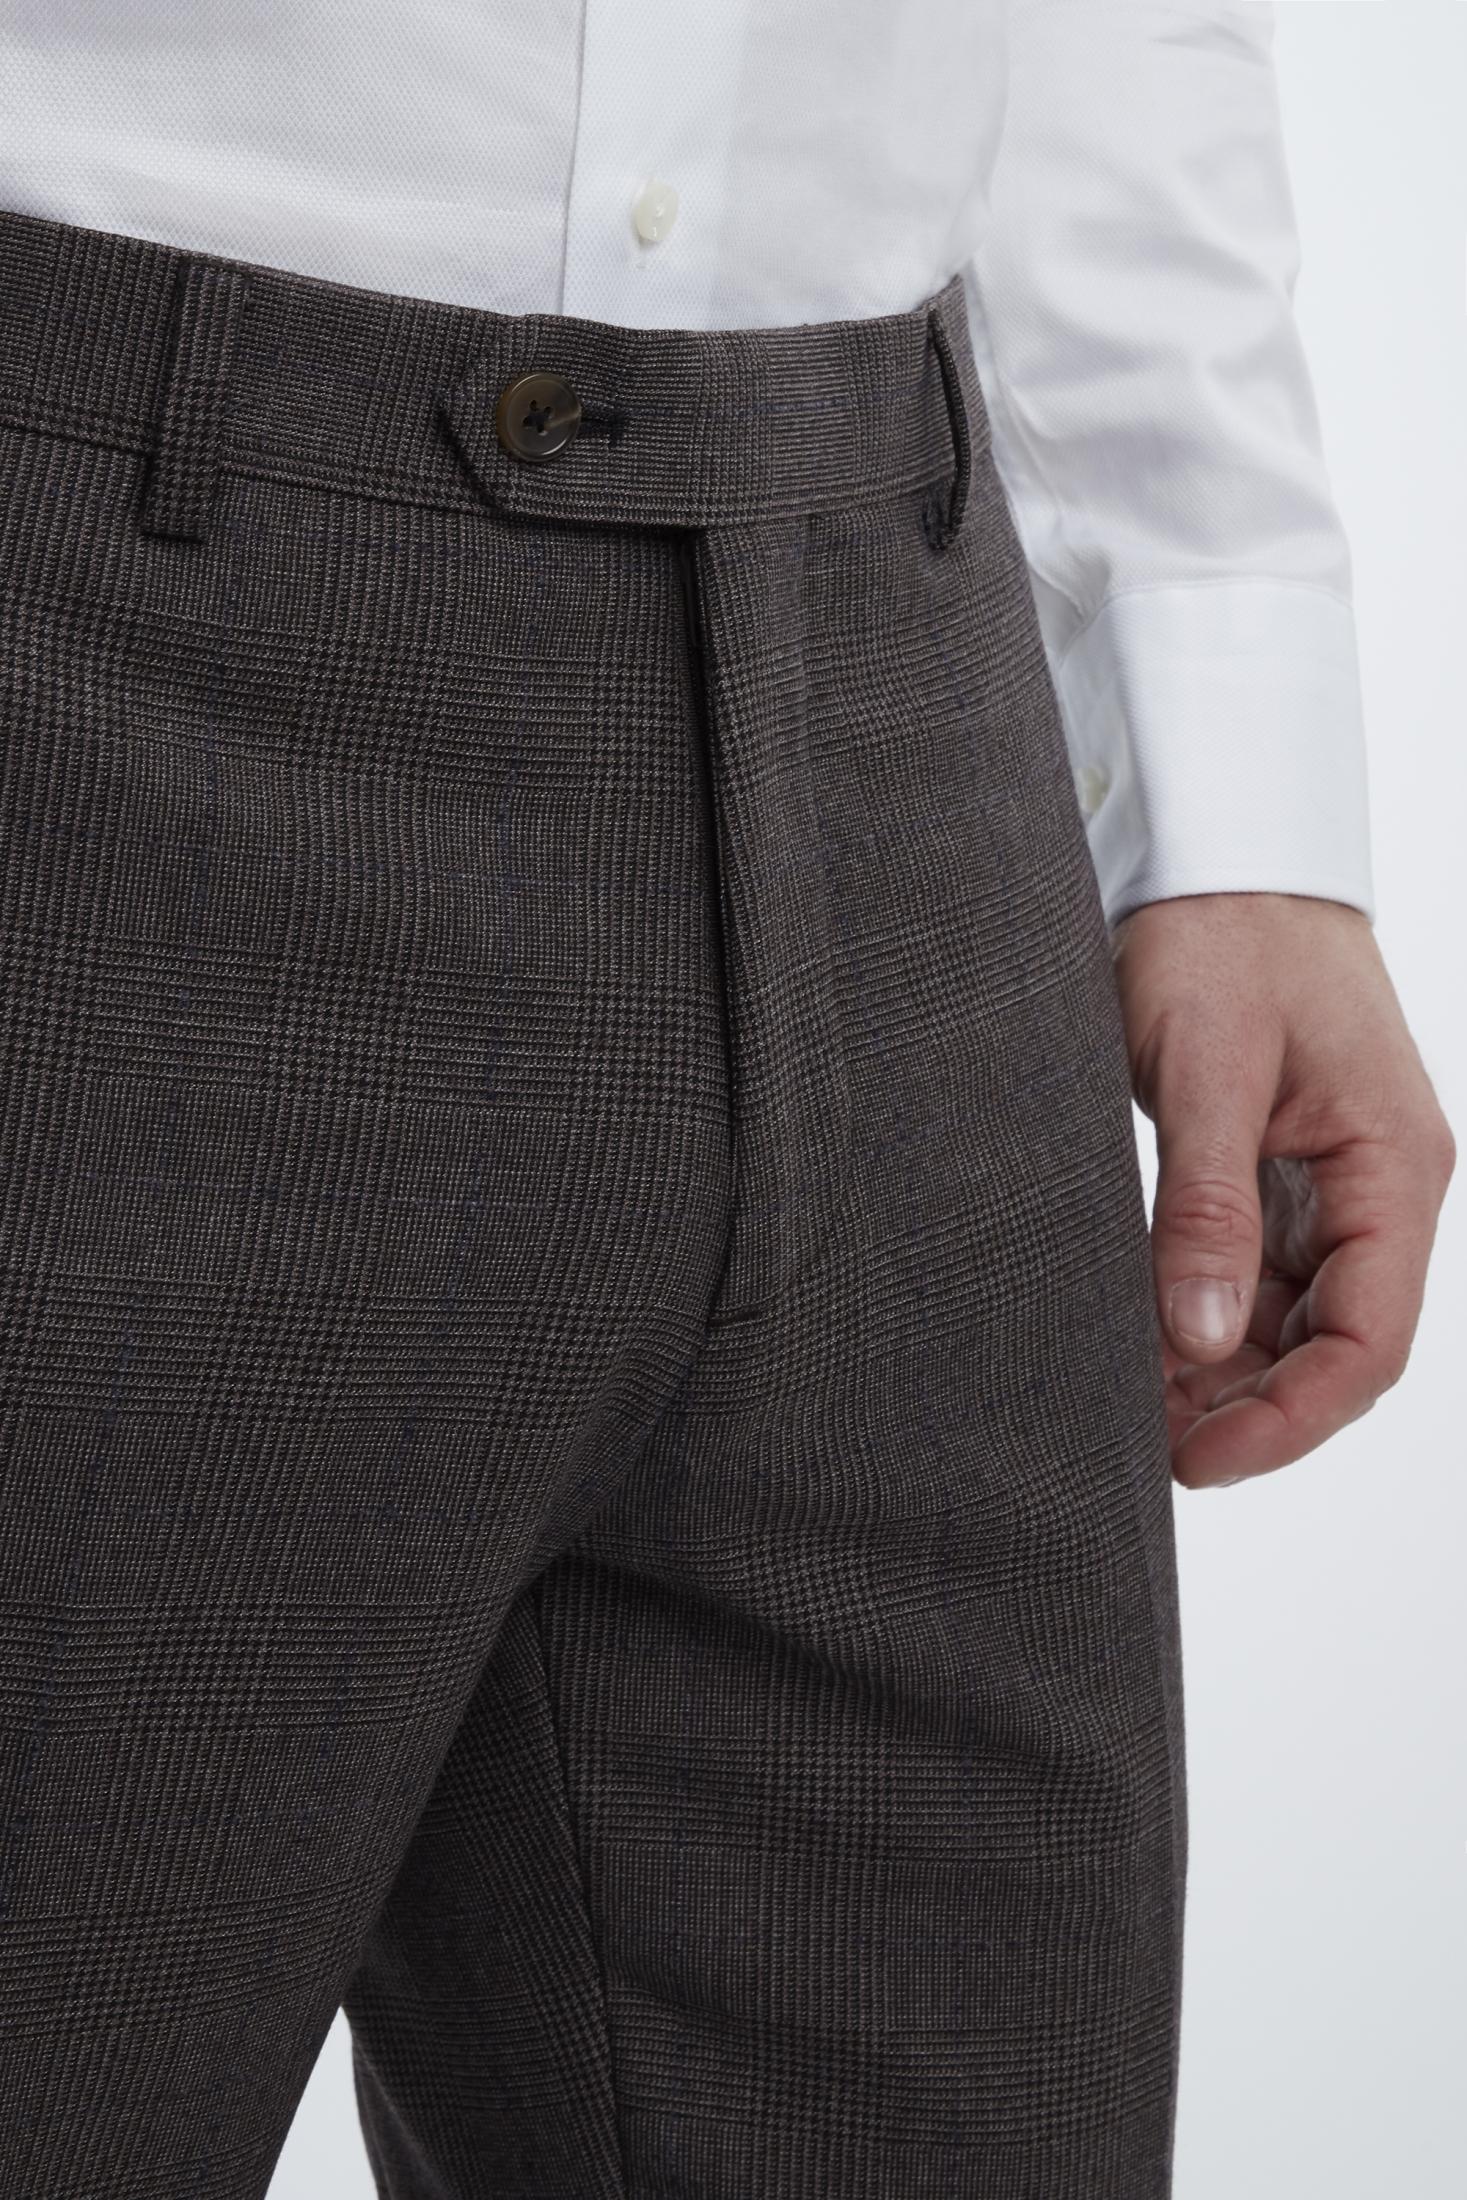 Van Gils Synthetisch Mix & Match Pantalon Bull Met Ruit in het Bruin voor heren